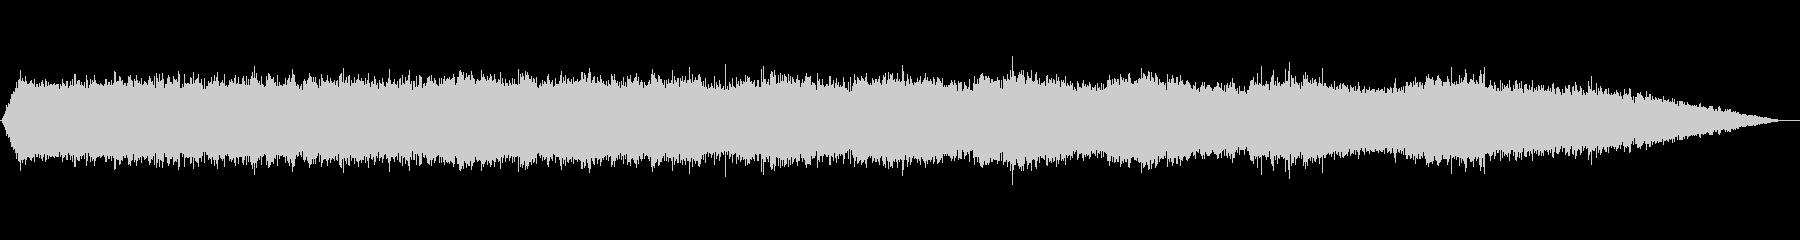 【自然音】ミンミンゼミの鳴き声の未再生の波形